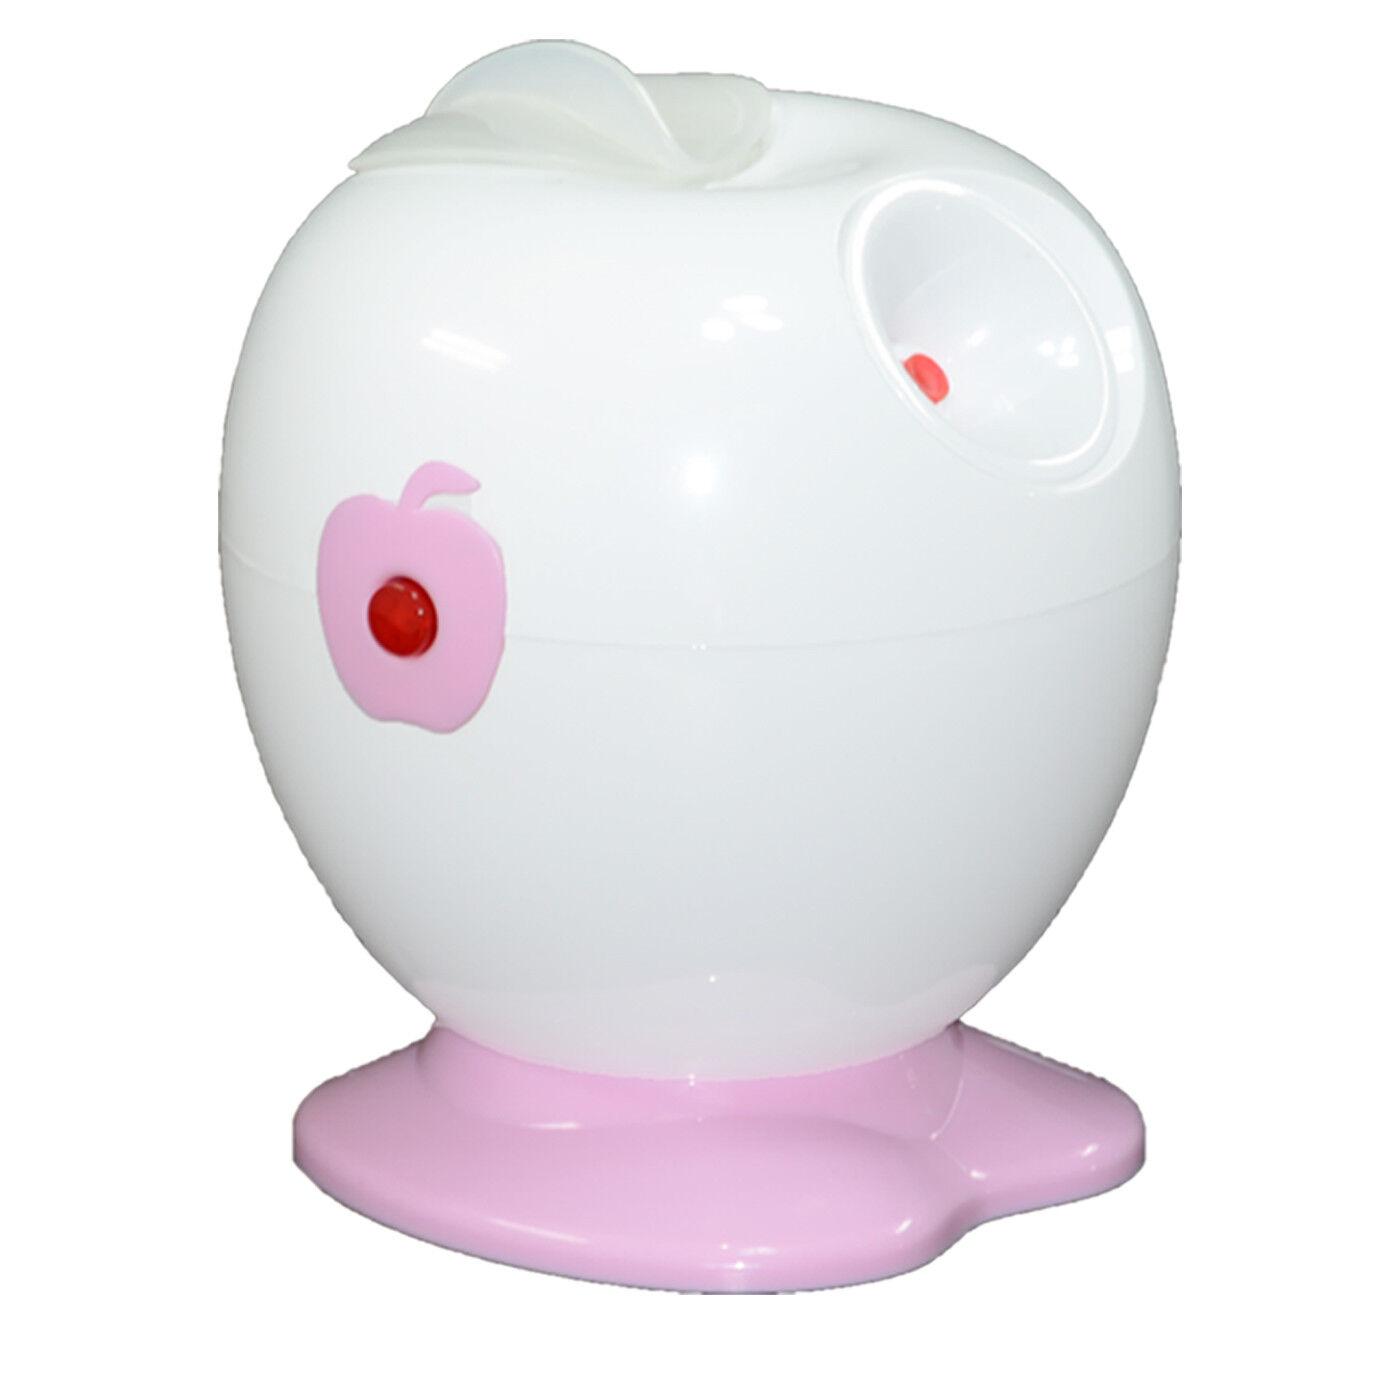 Personal Compact Table Top Facial Steamer Beauty Spa Salon E